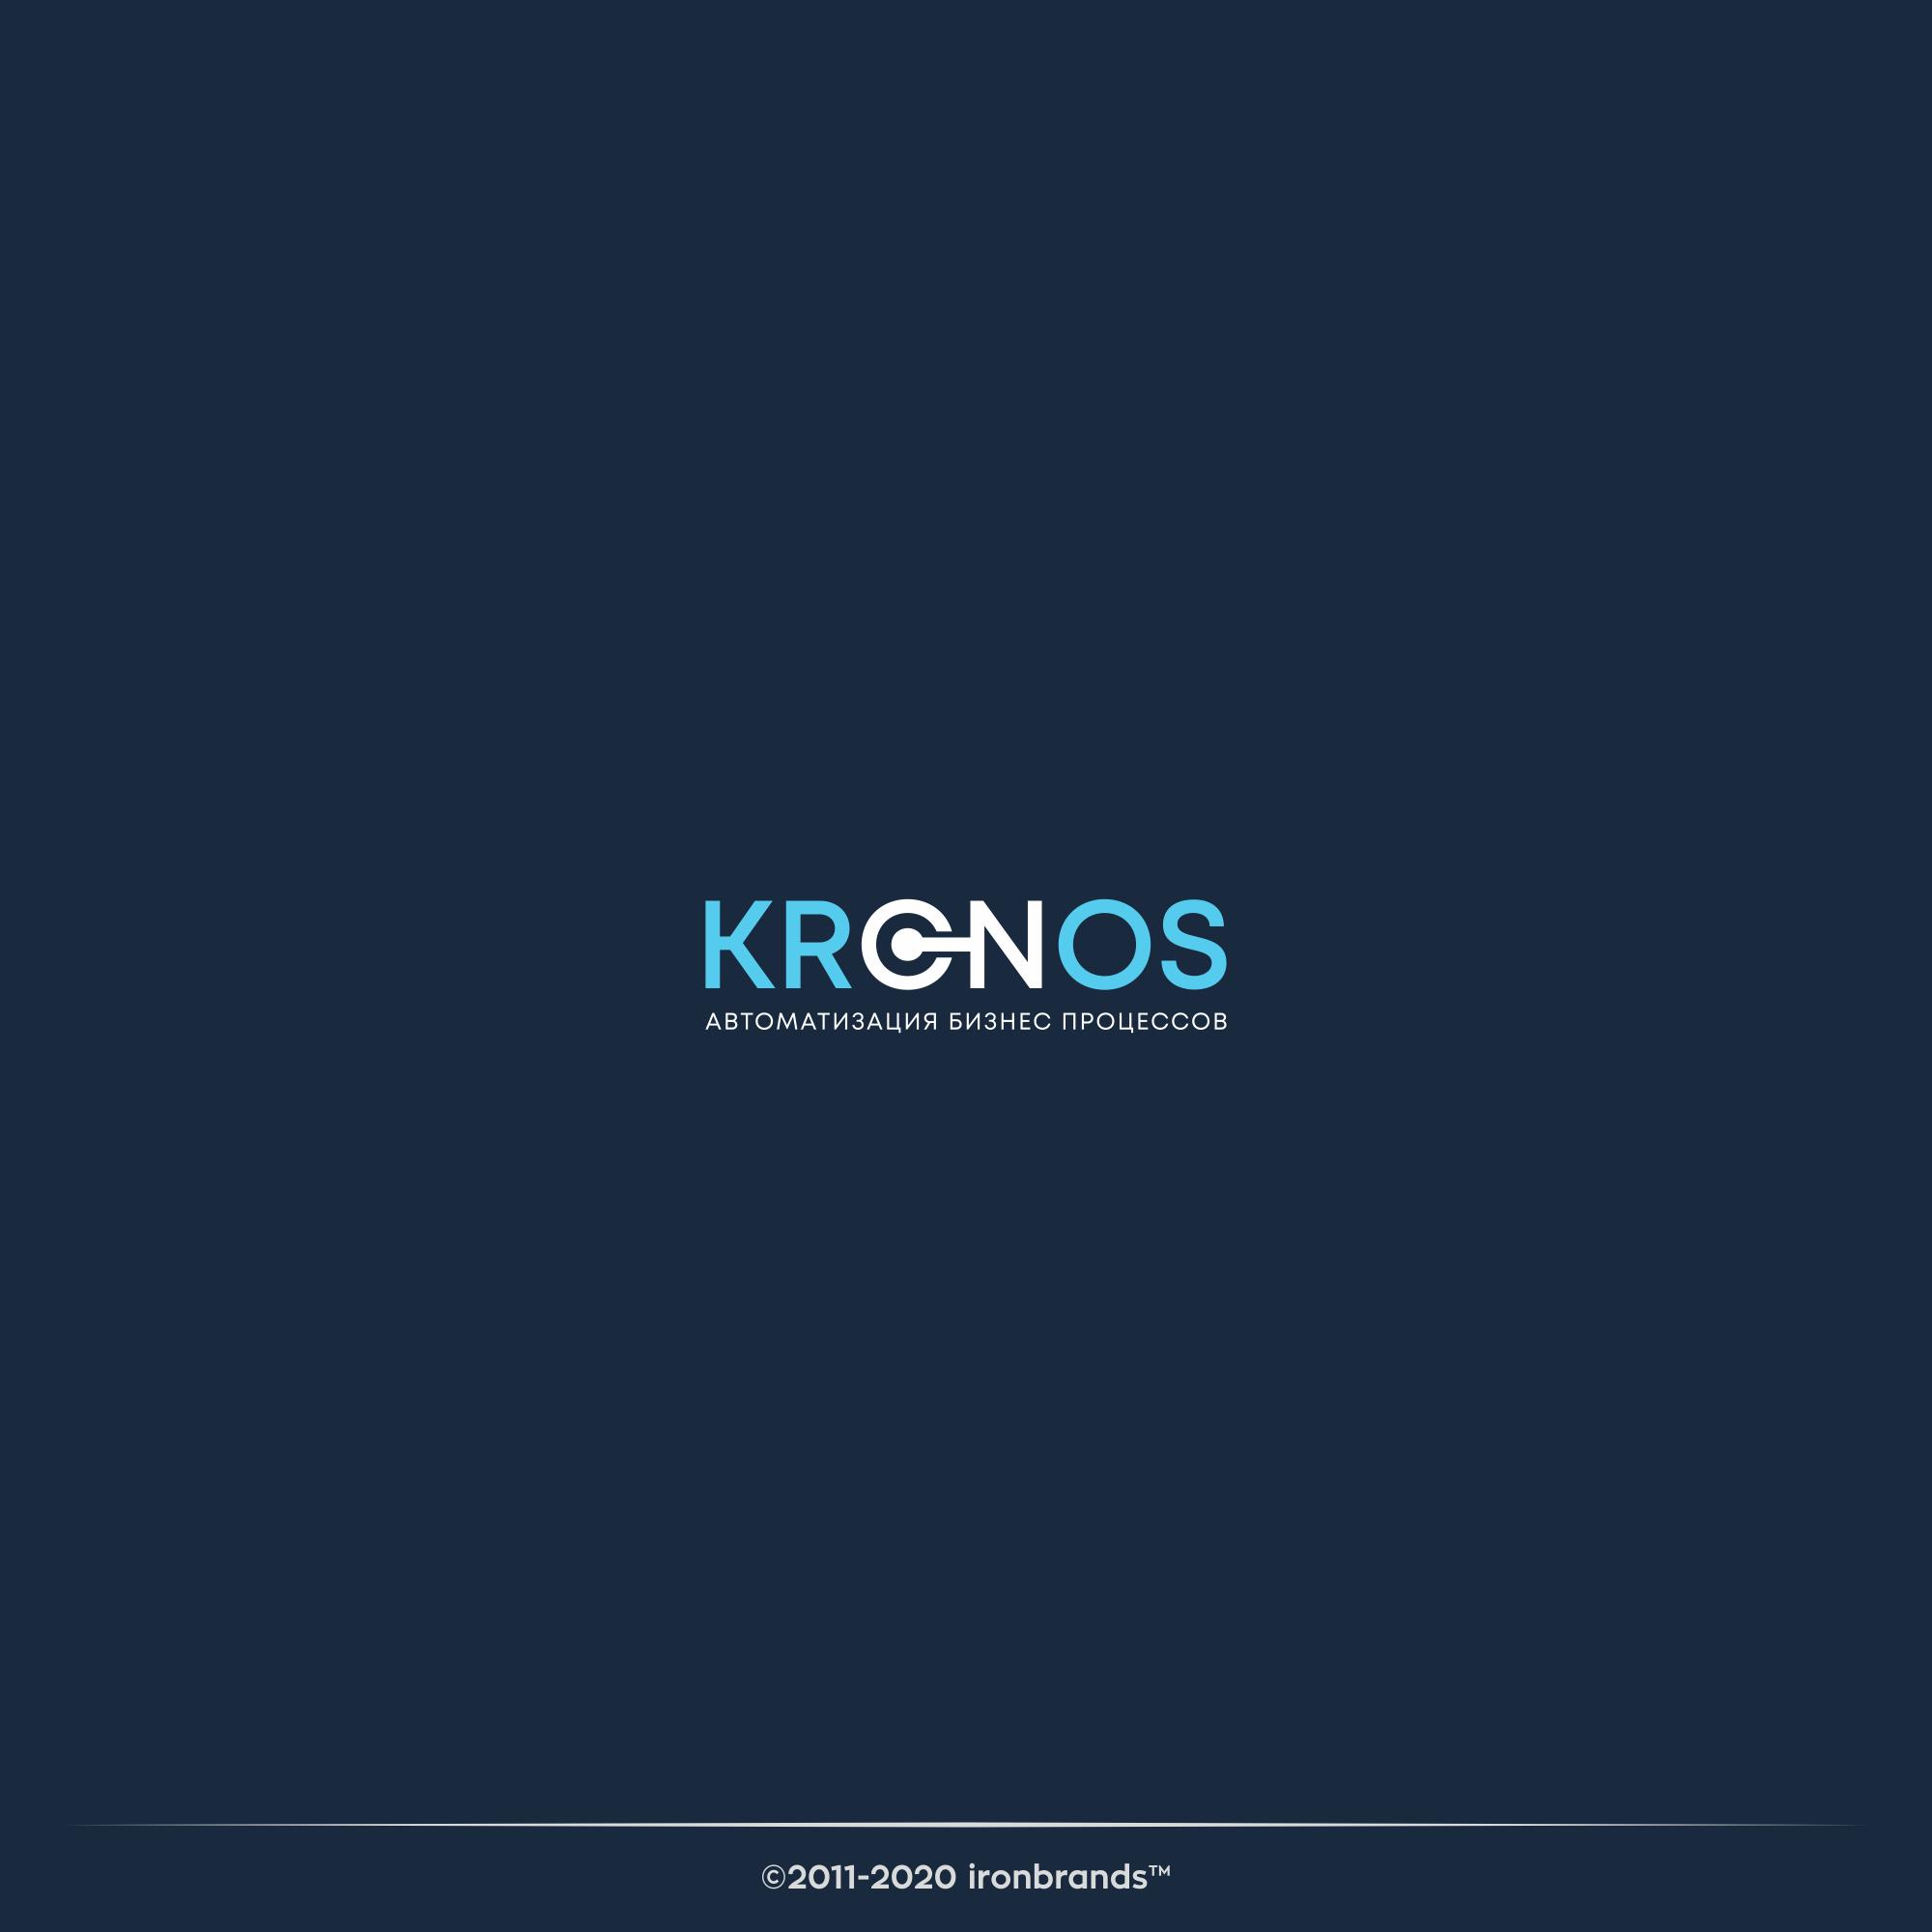 Разработать логотип KRONOS фото f_8405fb2988bb72eb.jpg